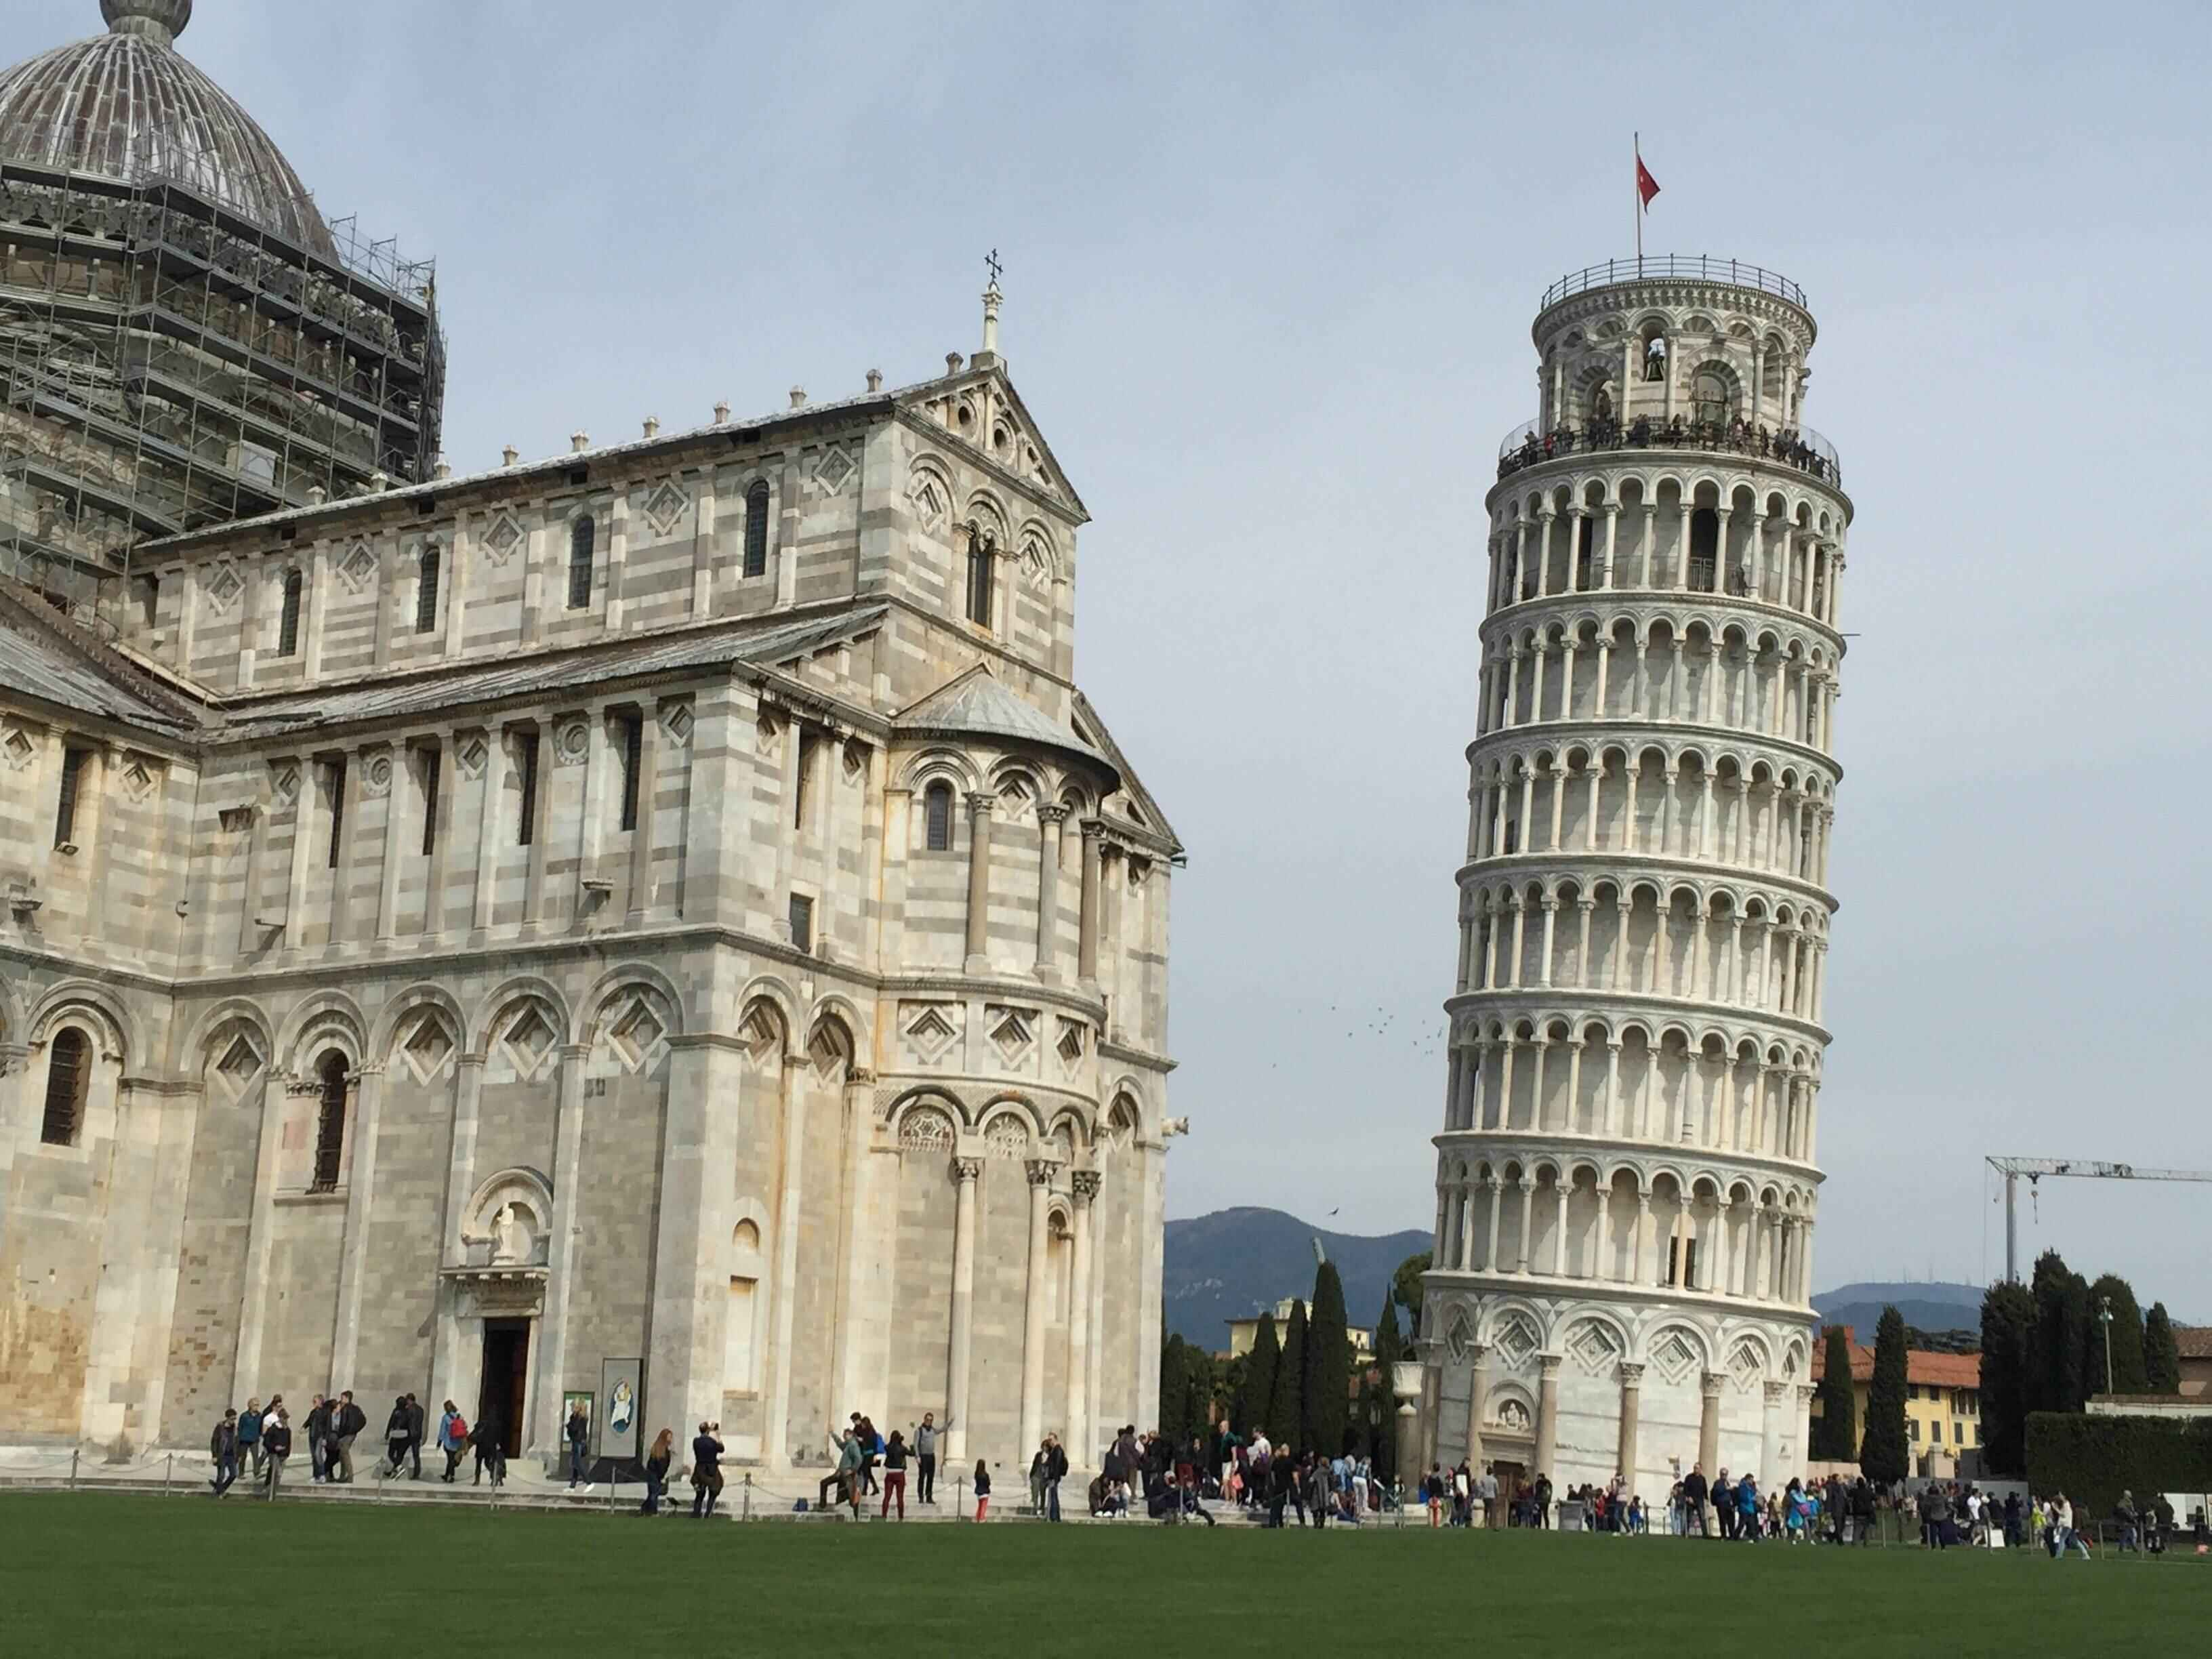 """比萨斜塔不""""斜""""了? 多年修复工程后塔身已大幅""""扶正"""""""